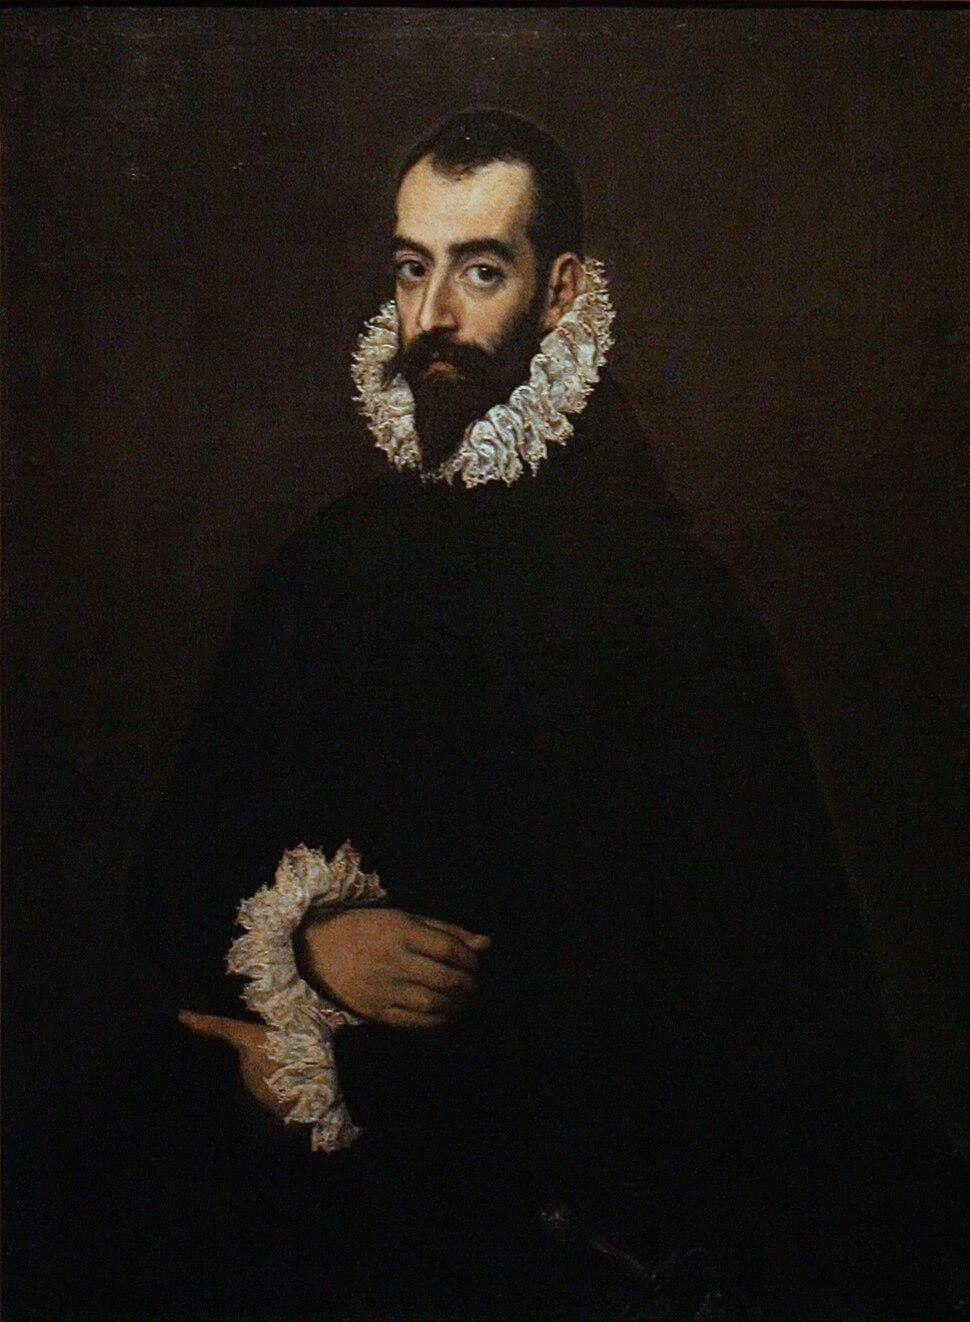 El Greco, Portrait of Juan Alfonso de Pimentel y Herrera